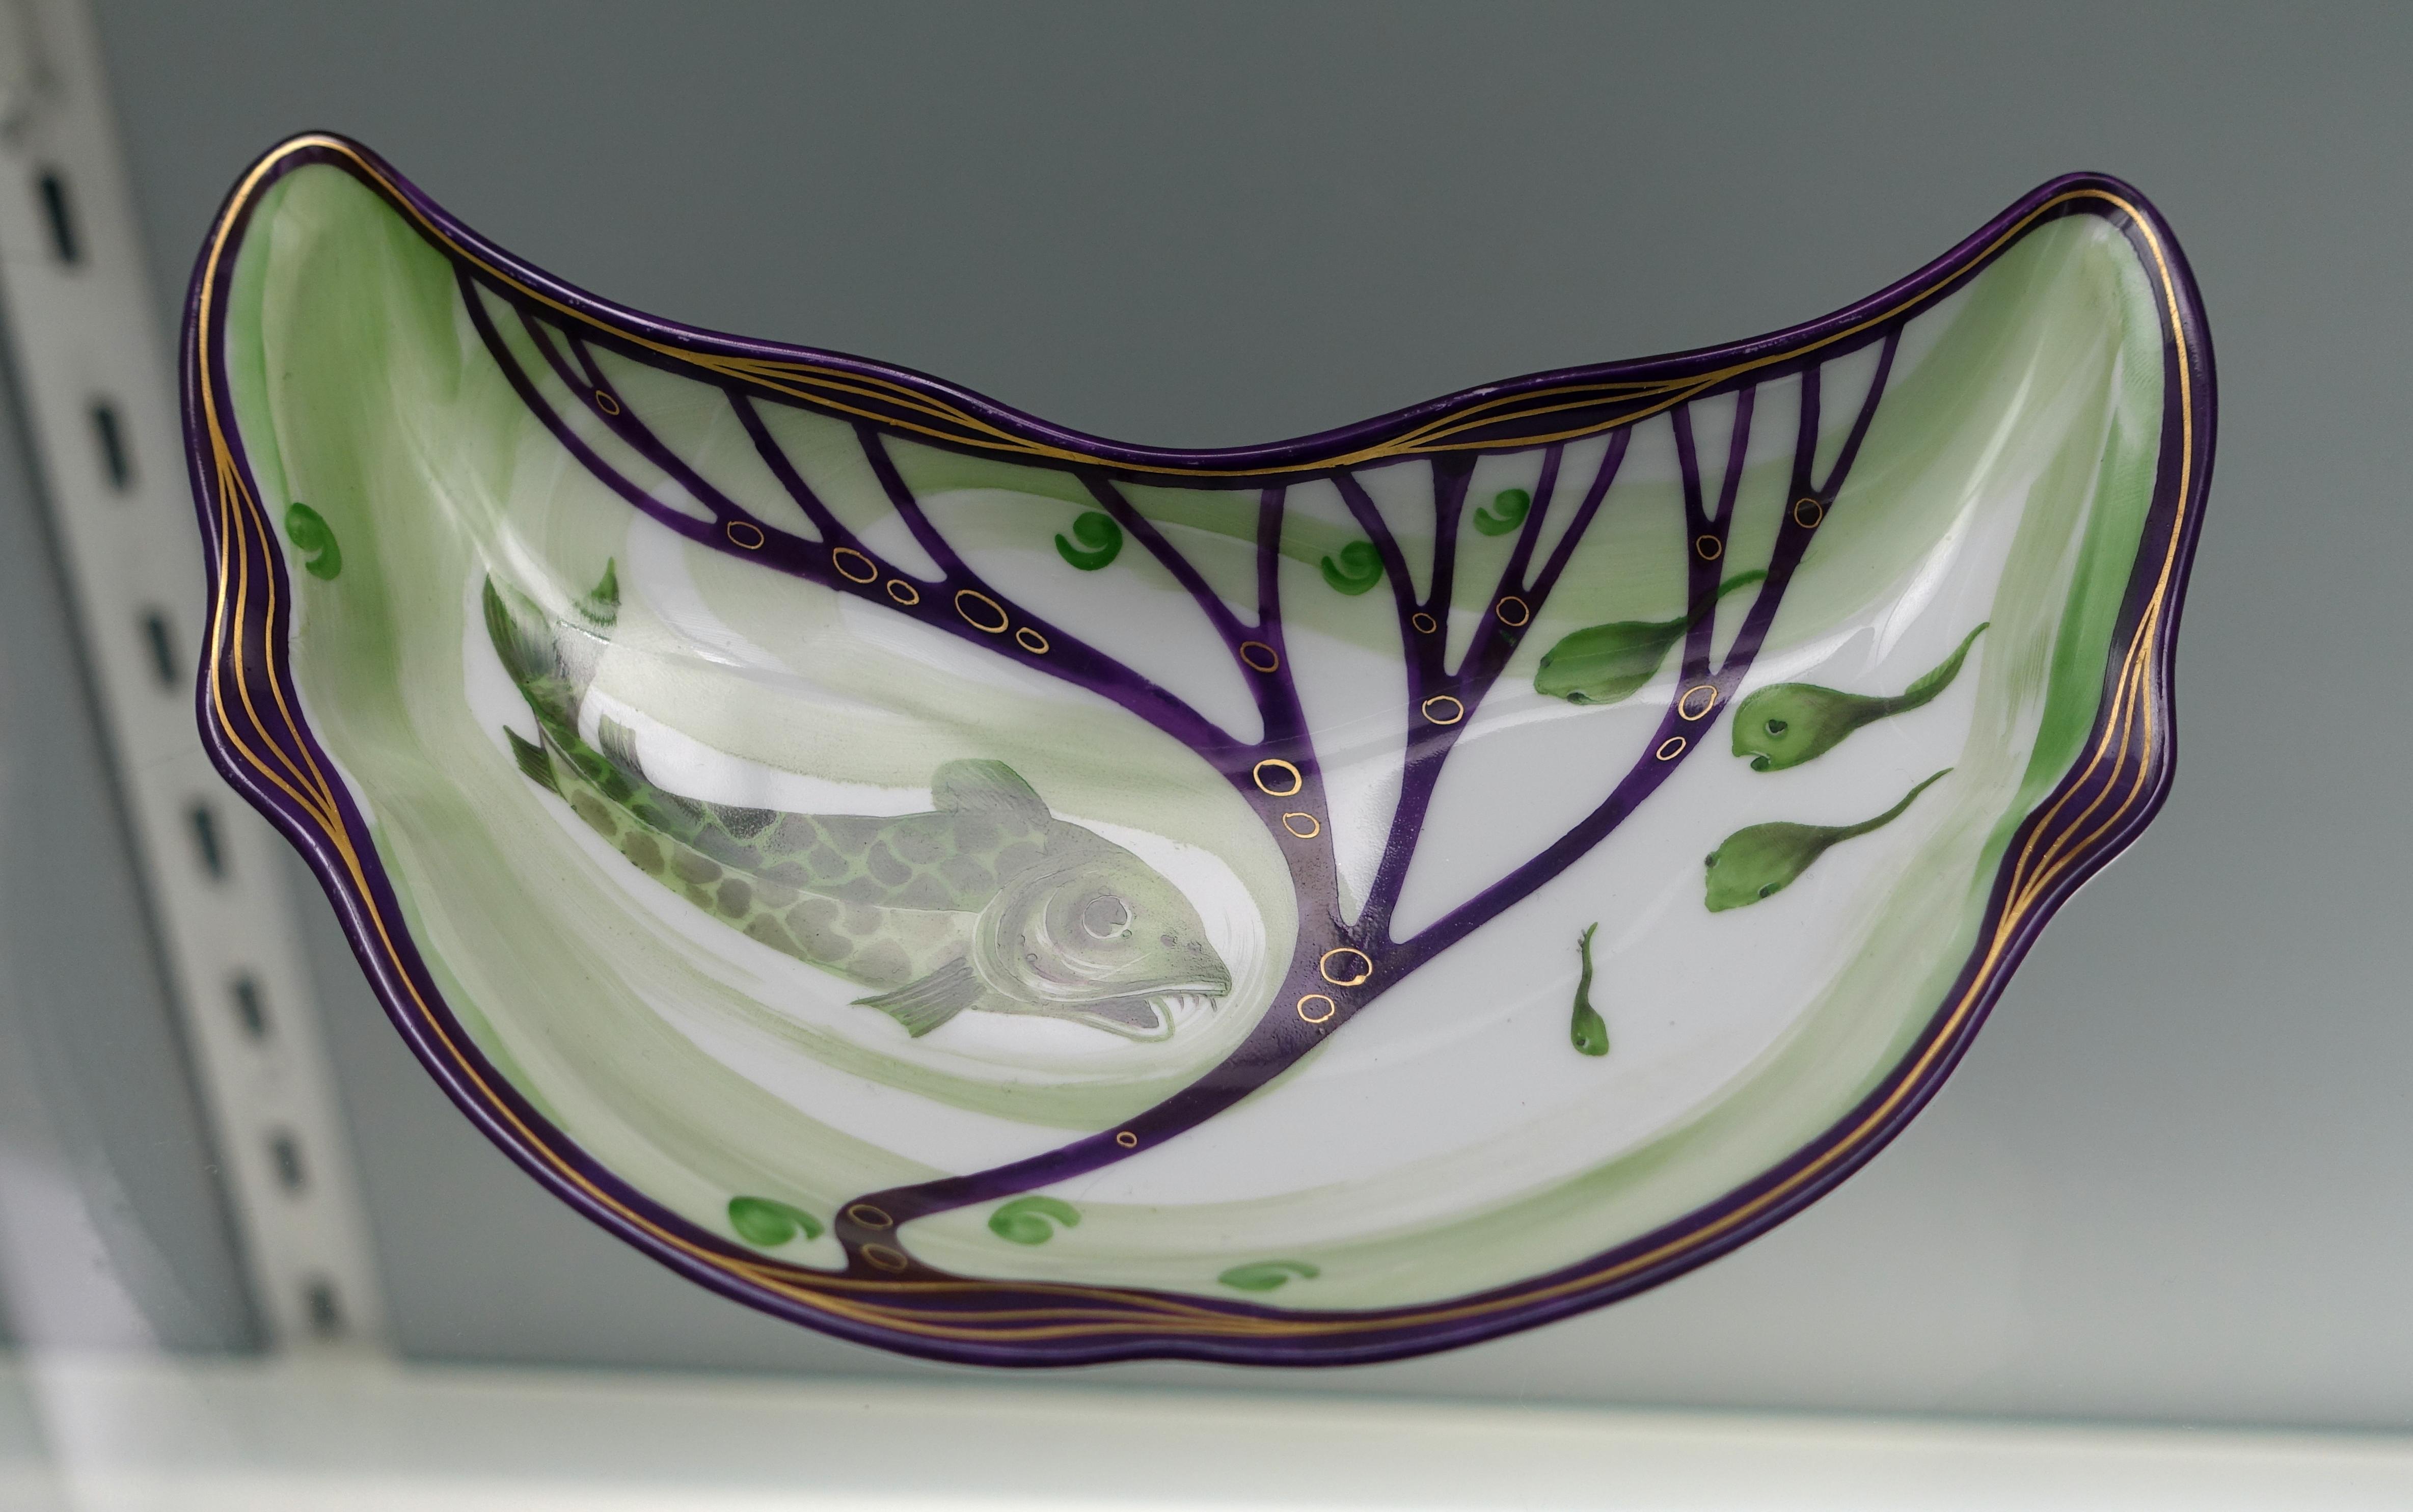 Nymphenburg porcelain marks dating service